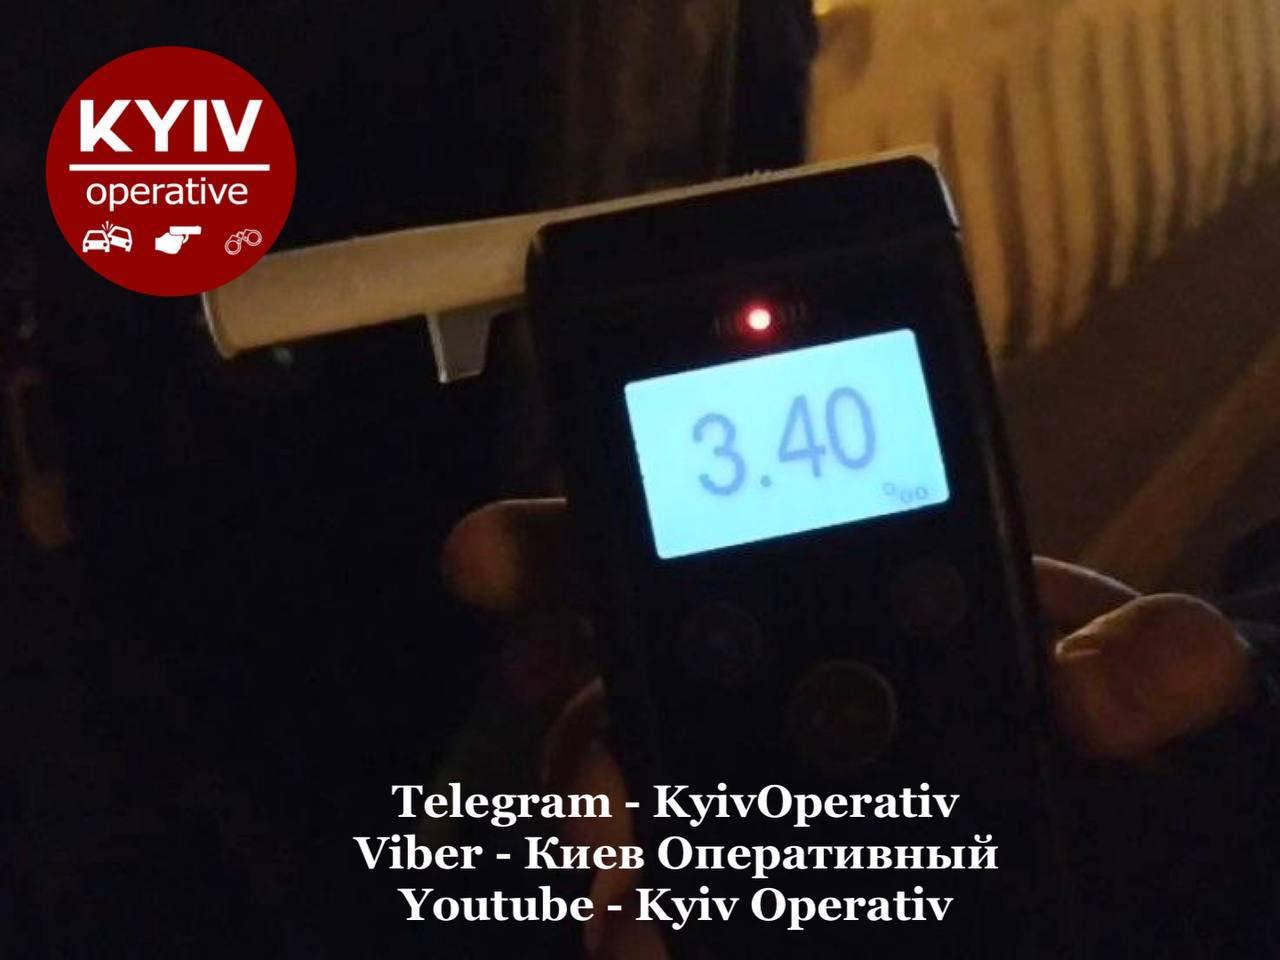 В Киеве задержали пьяную в стельку женщину на авто: побила рекорд на драгере